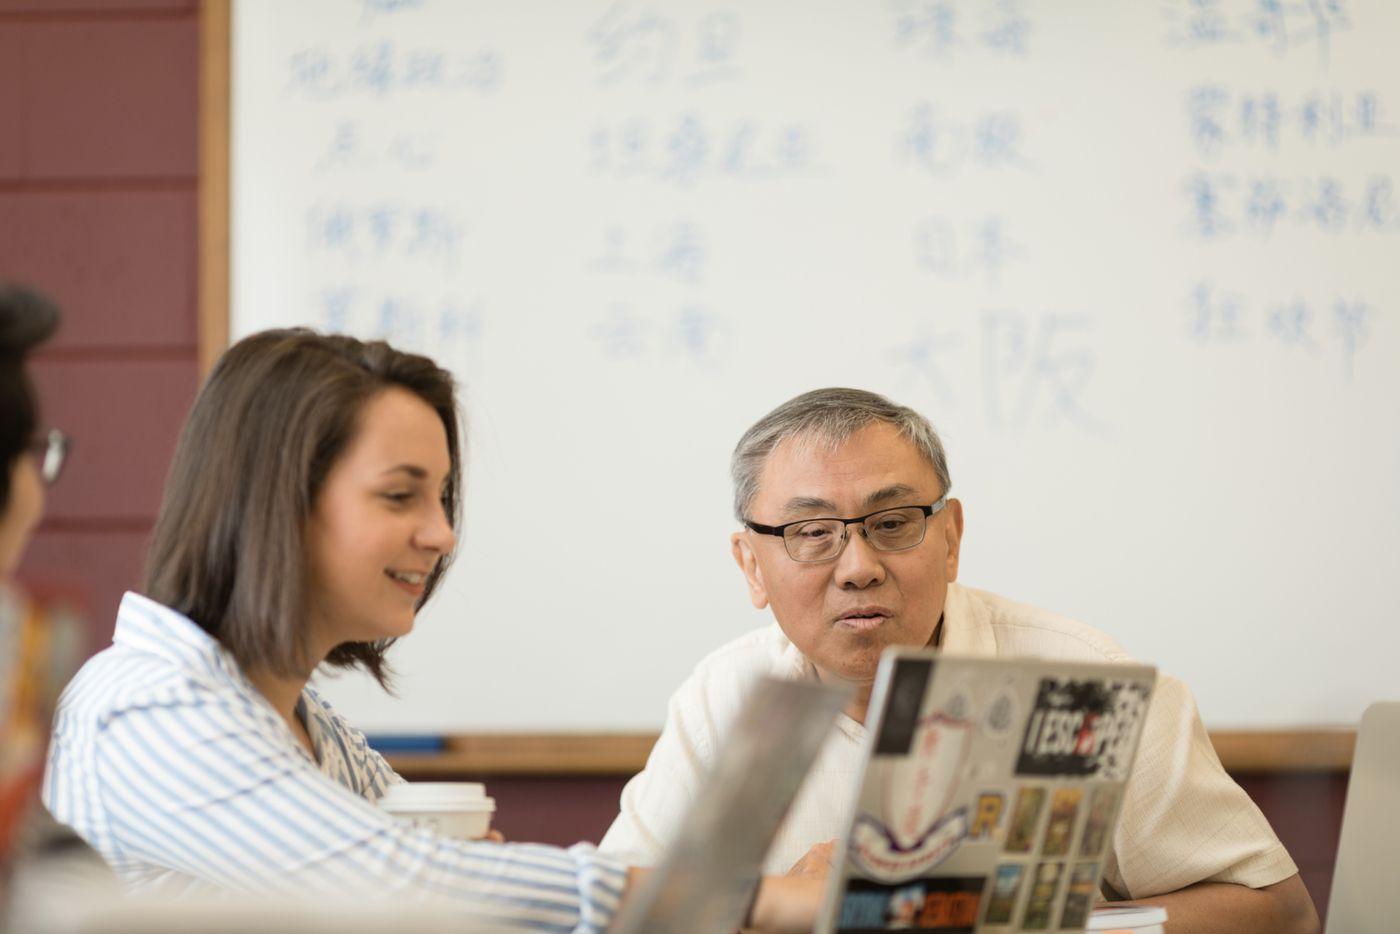 Karina Barbesino '19 and professor Li Wei.